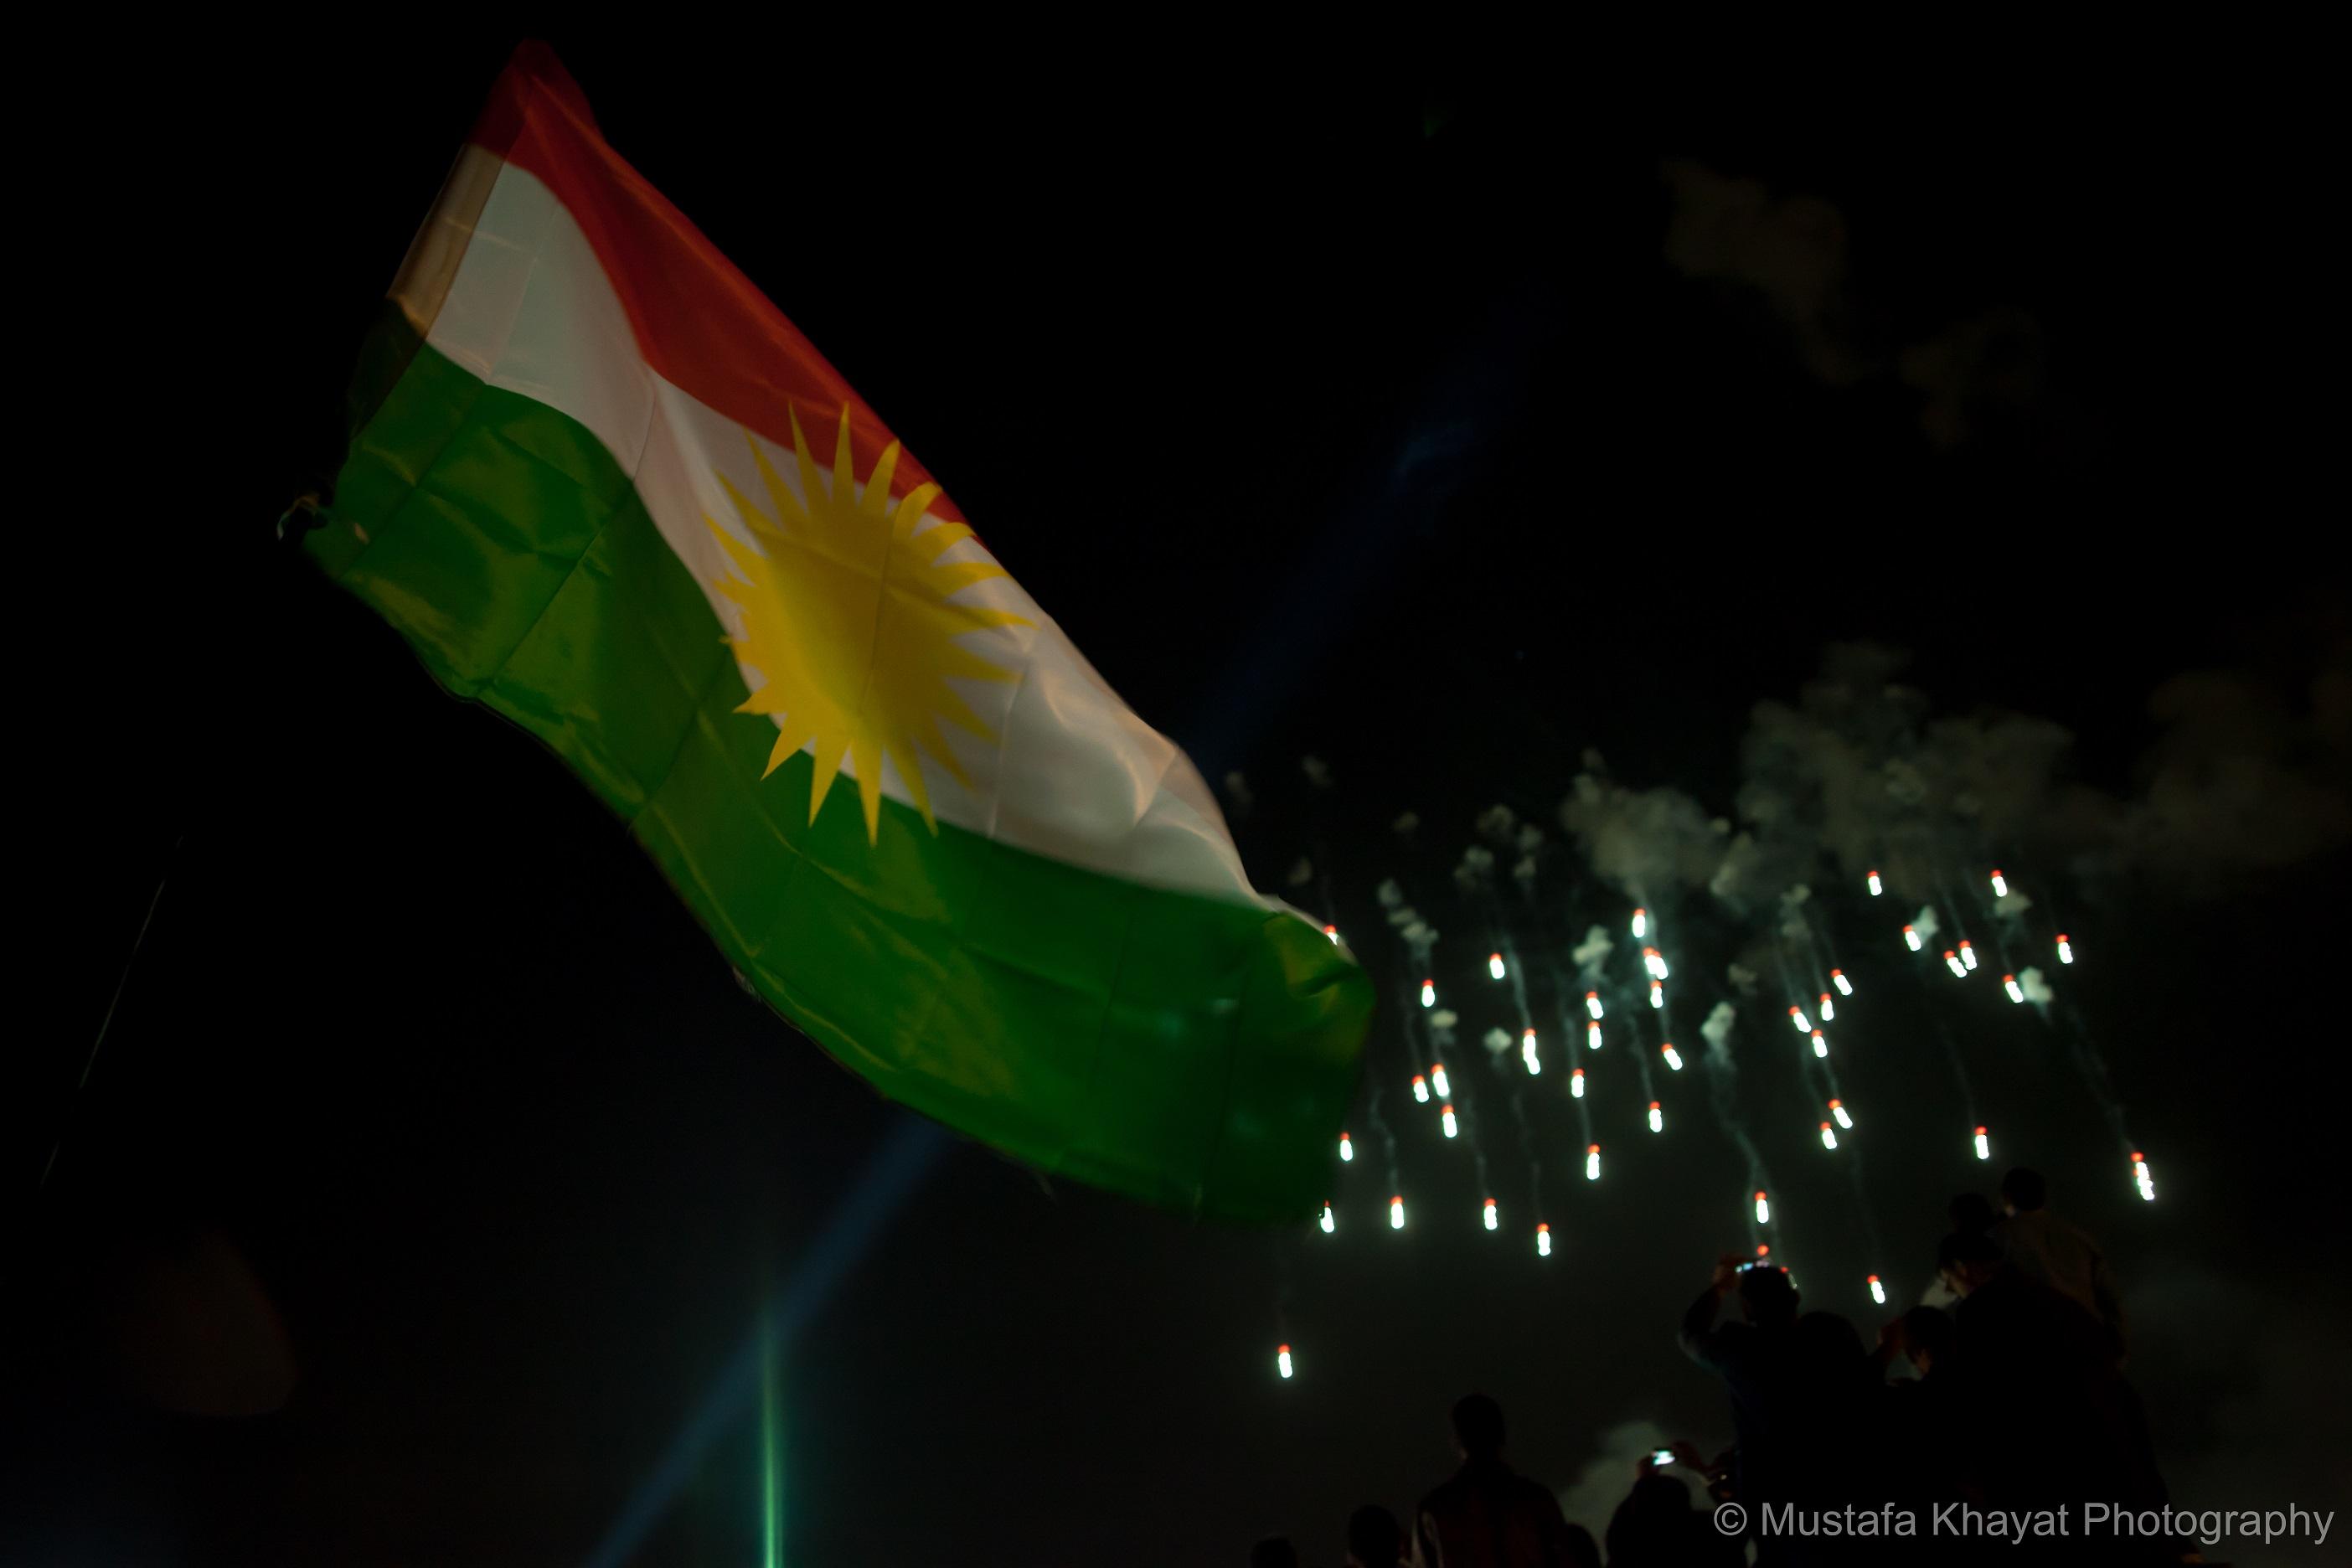 """Nachdem Abdullah Öcalan zu Newroz (das kurdische Neujahrs-/Frühlingsfest) einen Waffenstillstand der PKK verkündete, nahmen sich auch die westlichen Medien wieder einmal der """"Kurdenproblematik"""" an. Bei den meisten Kurd*innen stieß das […]"""